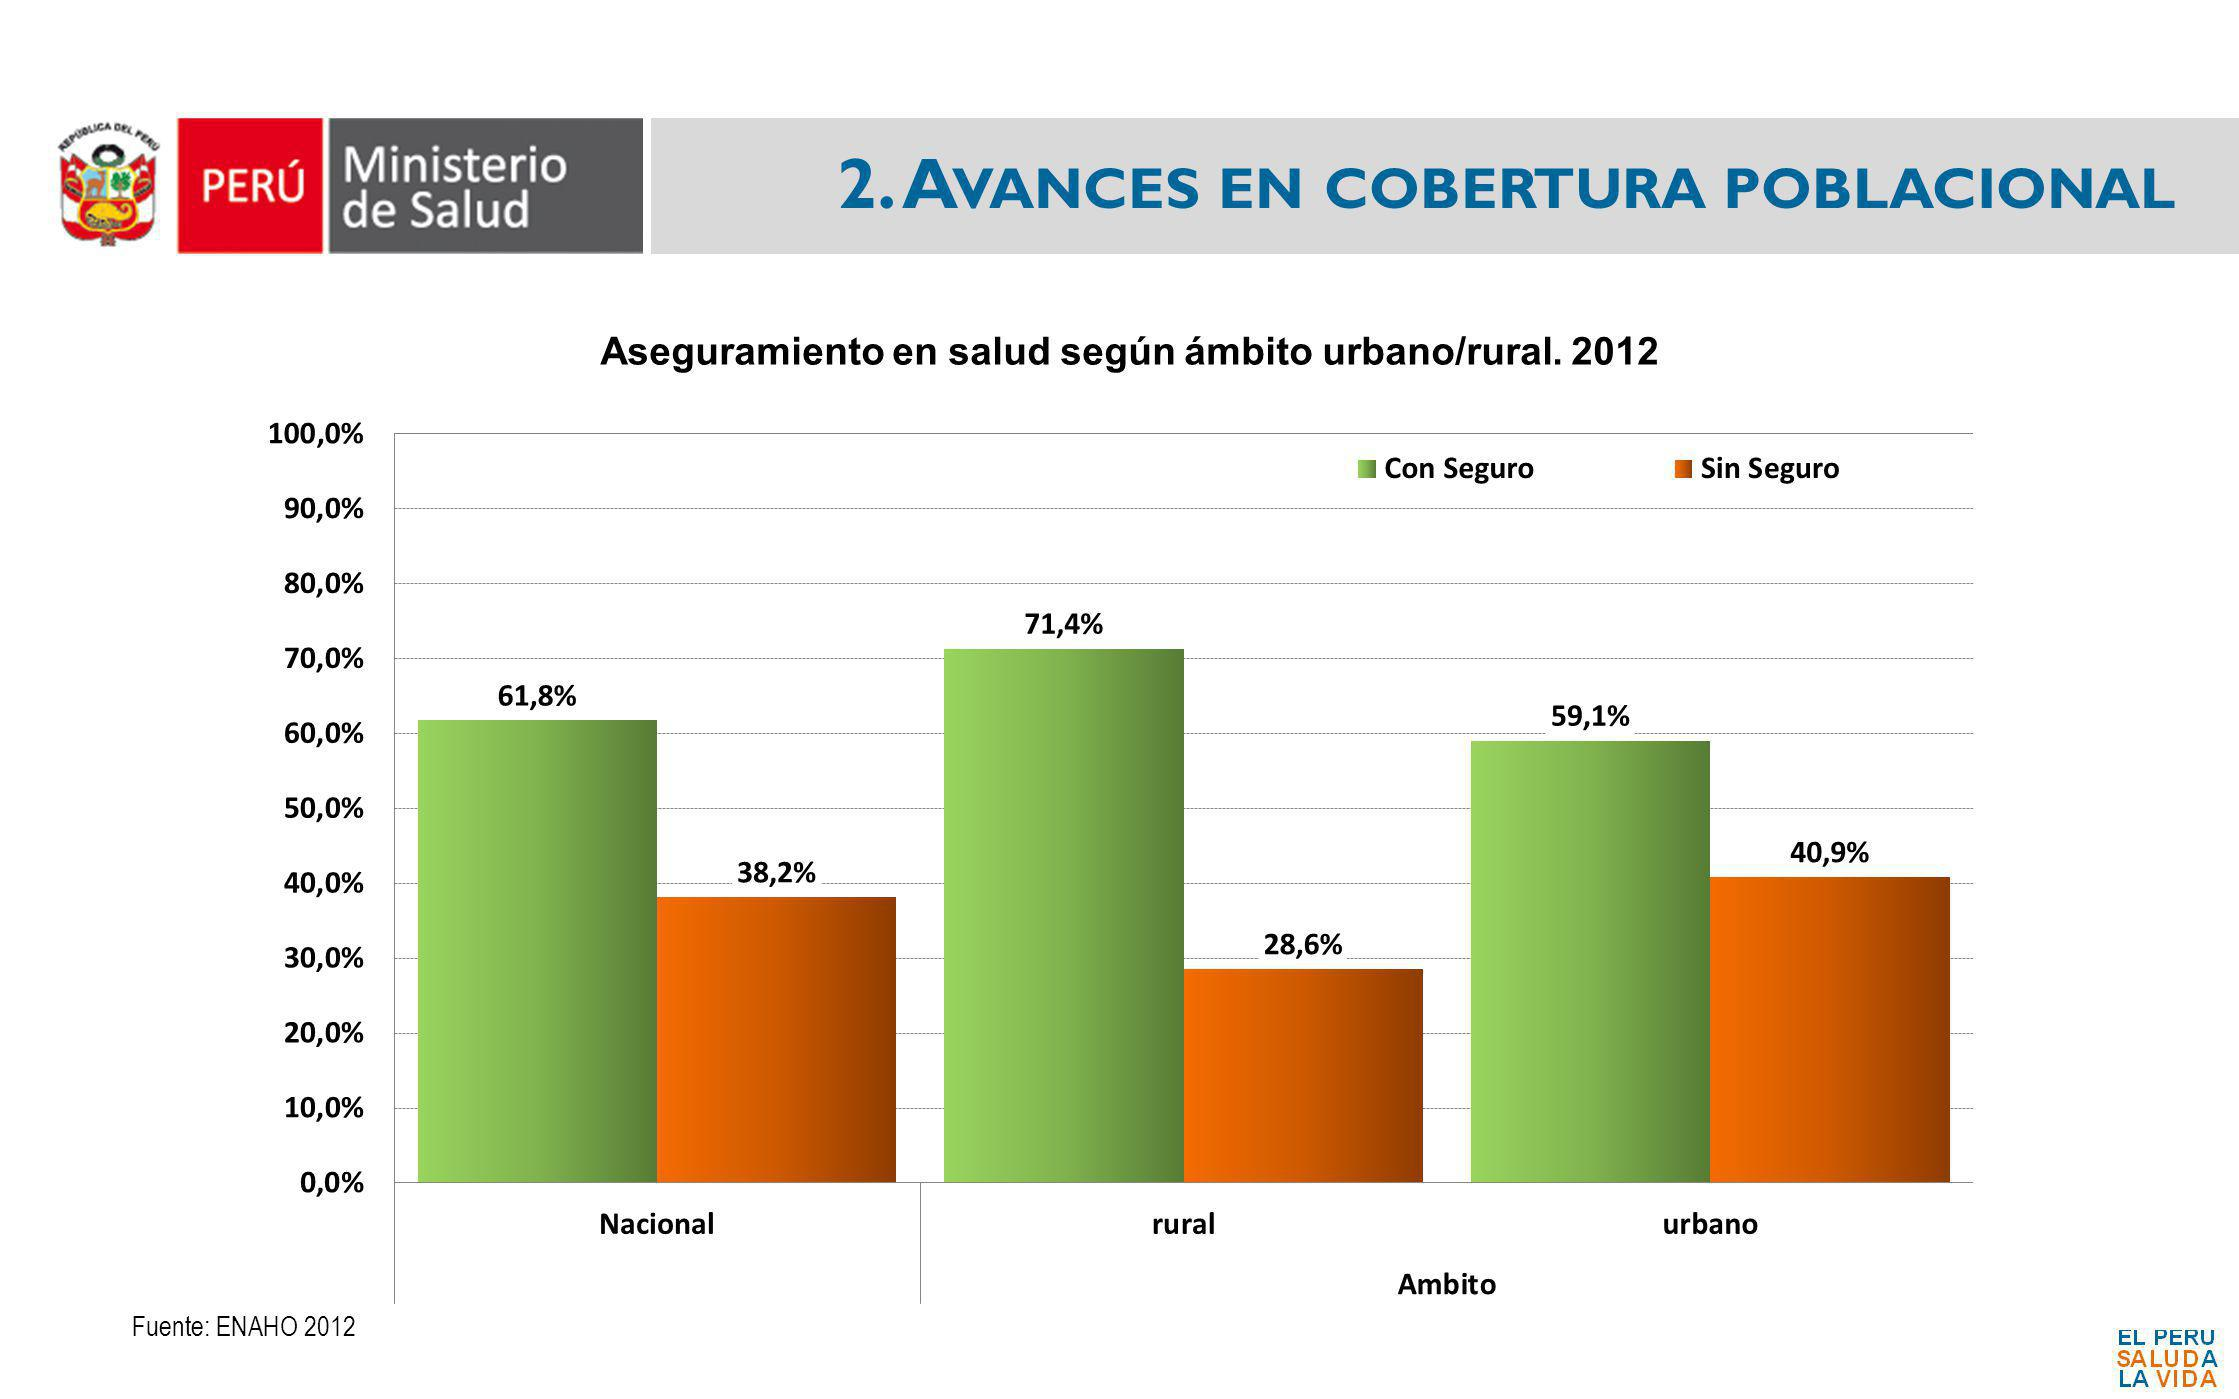 2. Avances en cobertura poblacional